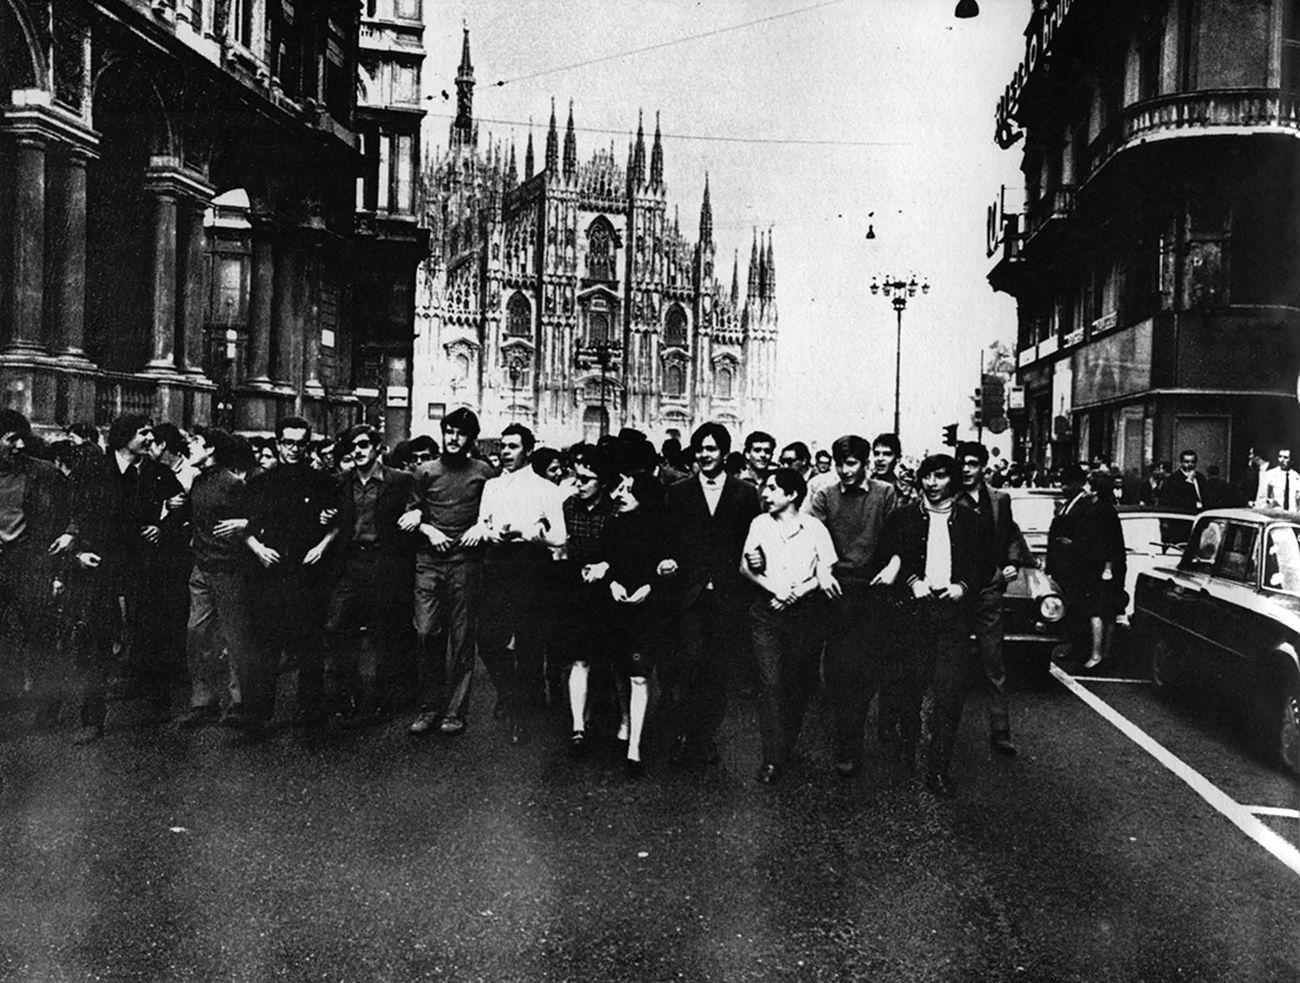 La protesta studentesca a Milano, 1968. Retro di copertina della nuova edizione (originariamente pubblicata in Giancarlo De Carlo, Why-How to Build School Buildings, Harvard Educational Review, 4 (1969))